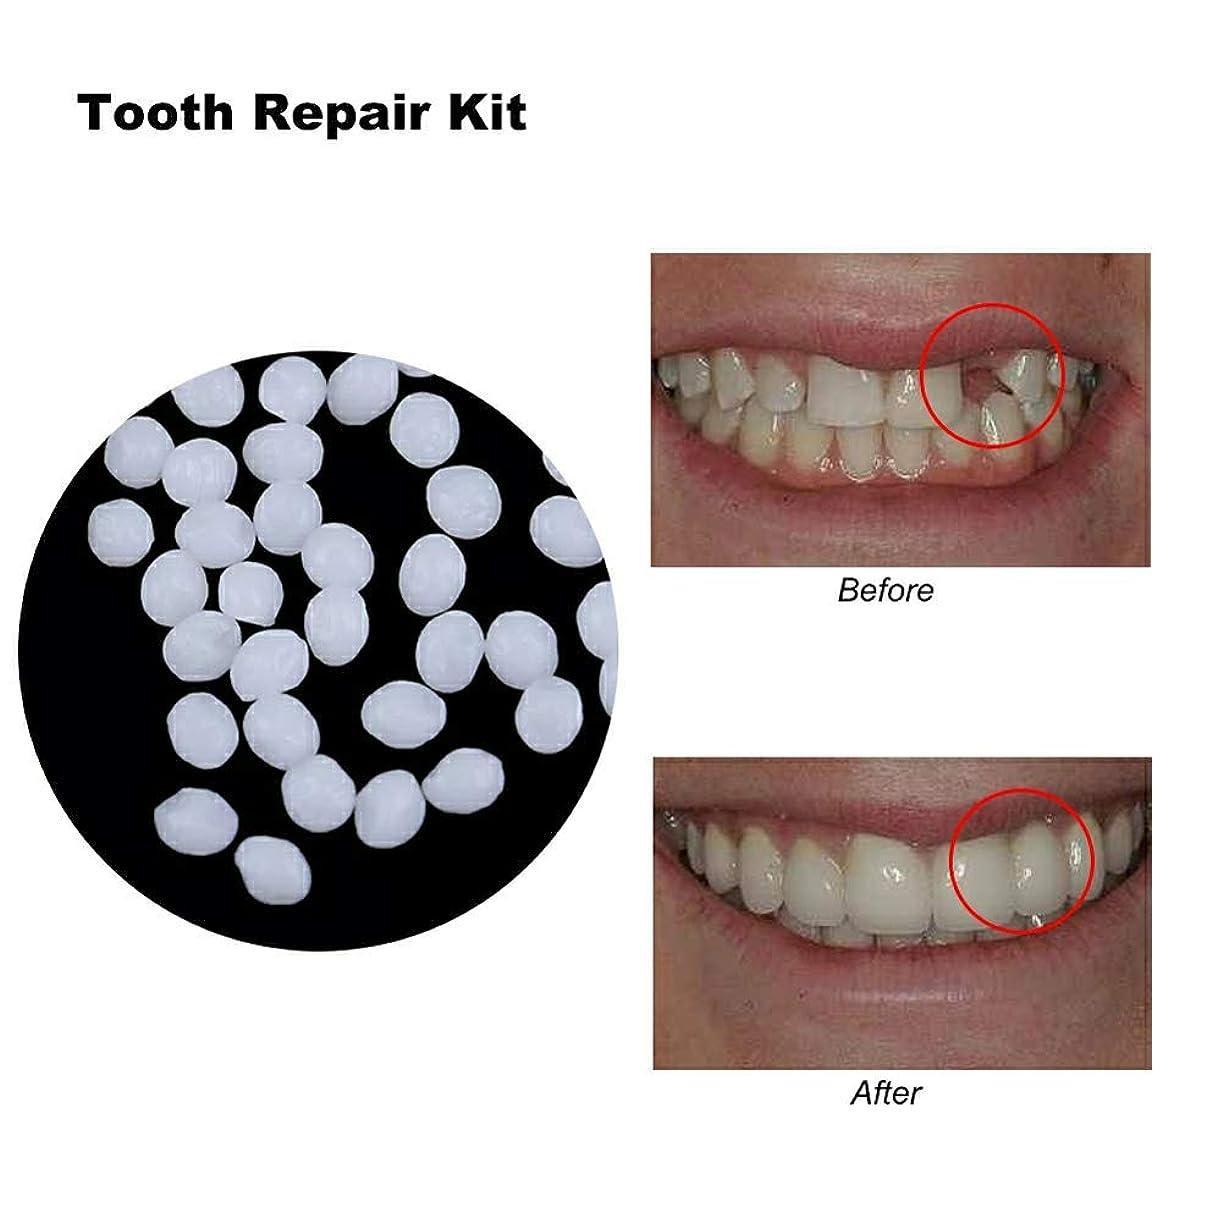 単位ブリリアント構成する偽歯固体接着剤、樹脂の歯とギャップのための一時的な化粧品の歯の修復キットクリエイティブ義歯接着剤,20ml20g